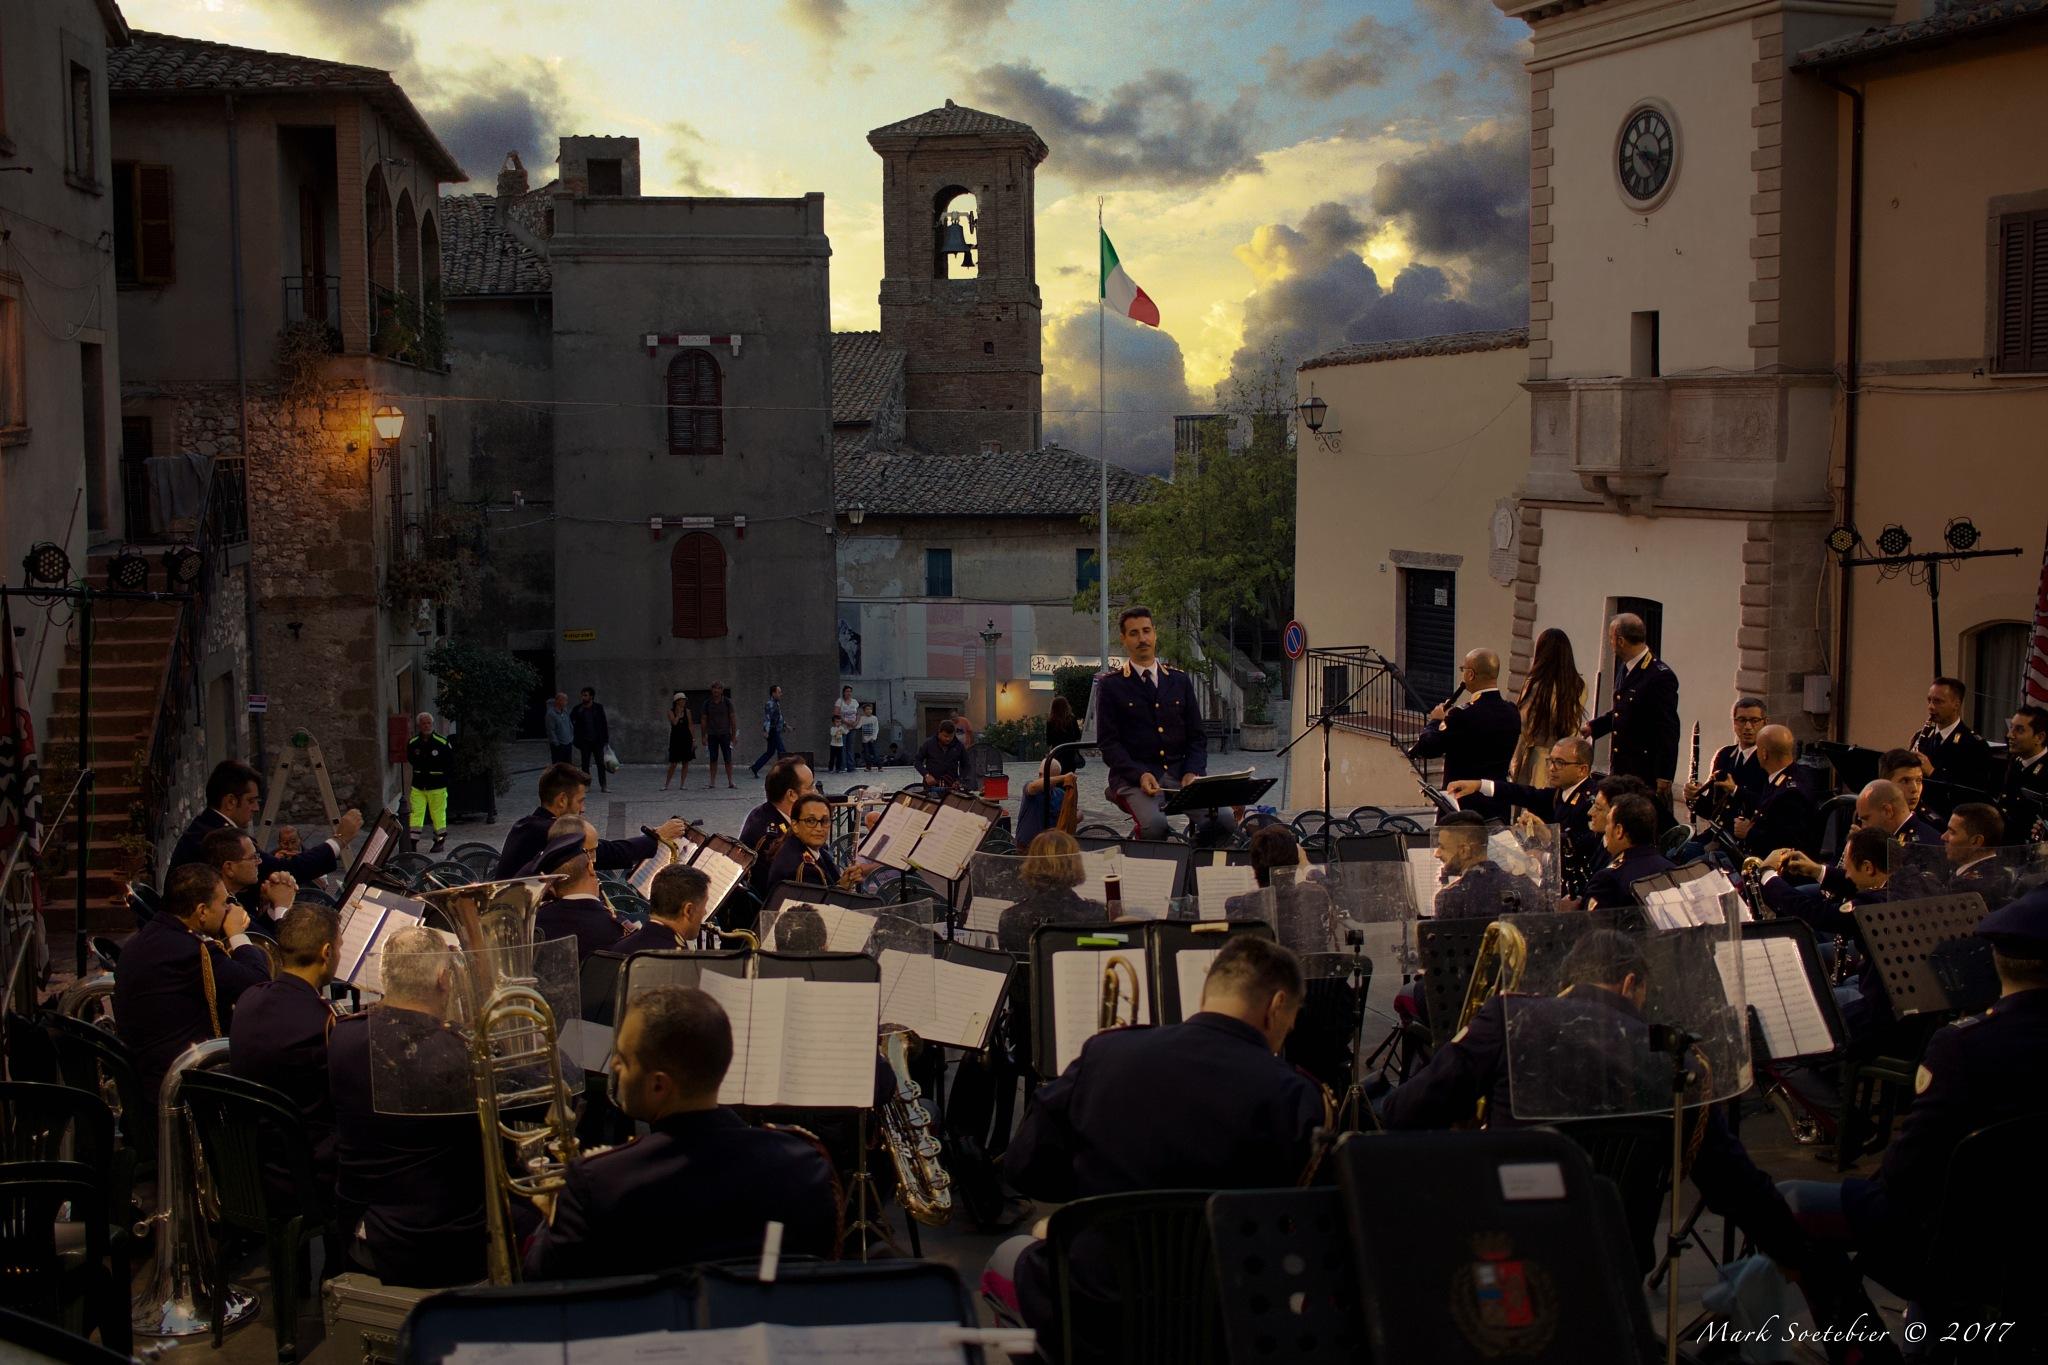 Banda Musicale della Polizia di Stato by MarkSoetebierVideophotography